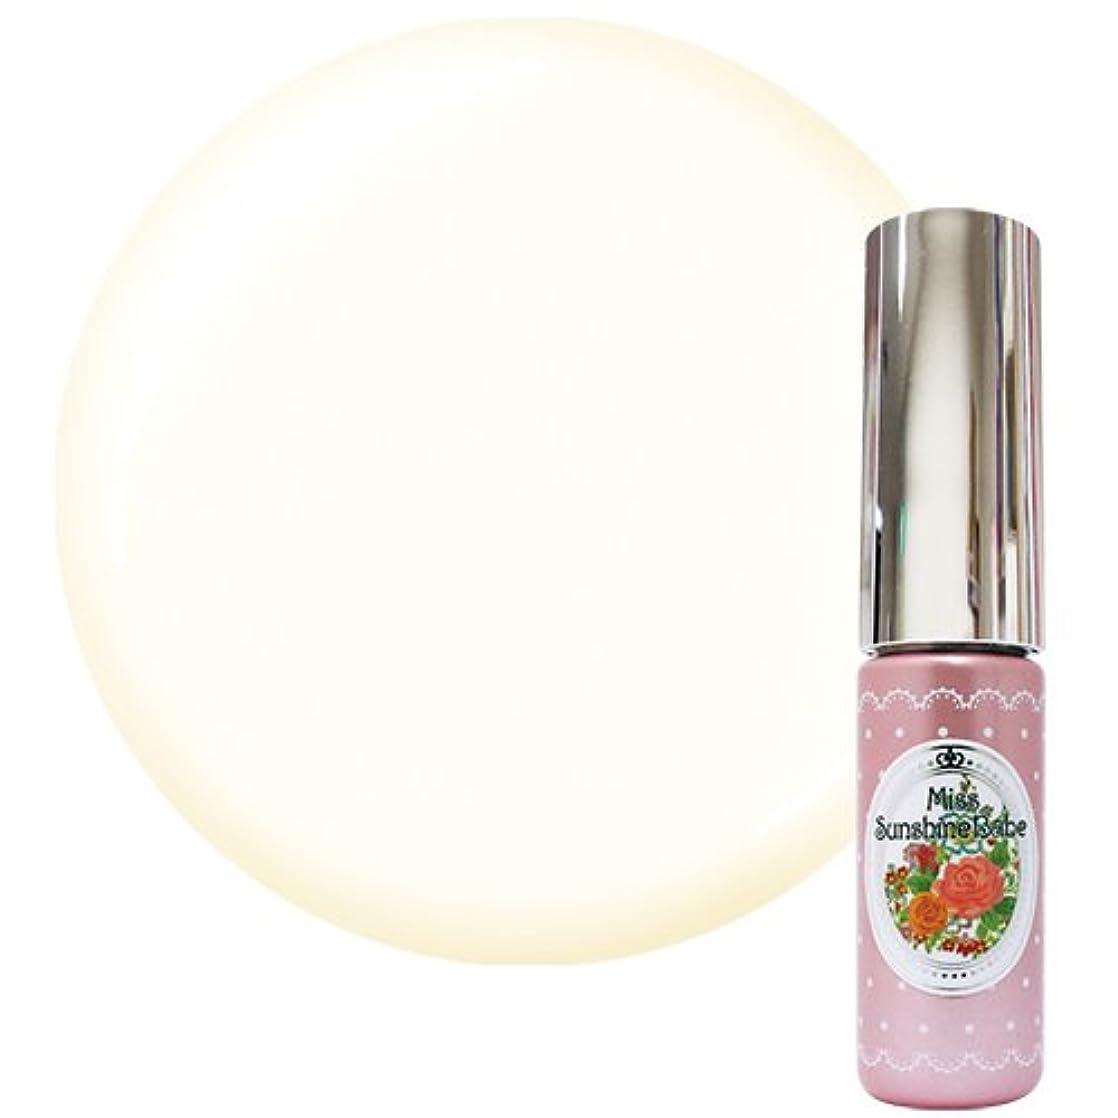 顕微鏡スポーツをする反乱Miss SunshineBabe ミス サンシャインベビー カラージェル MC-30 5g ココナッツティー UV/LED対応